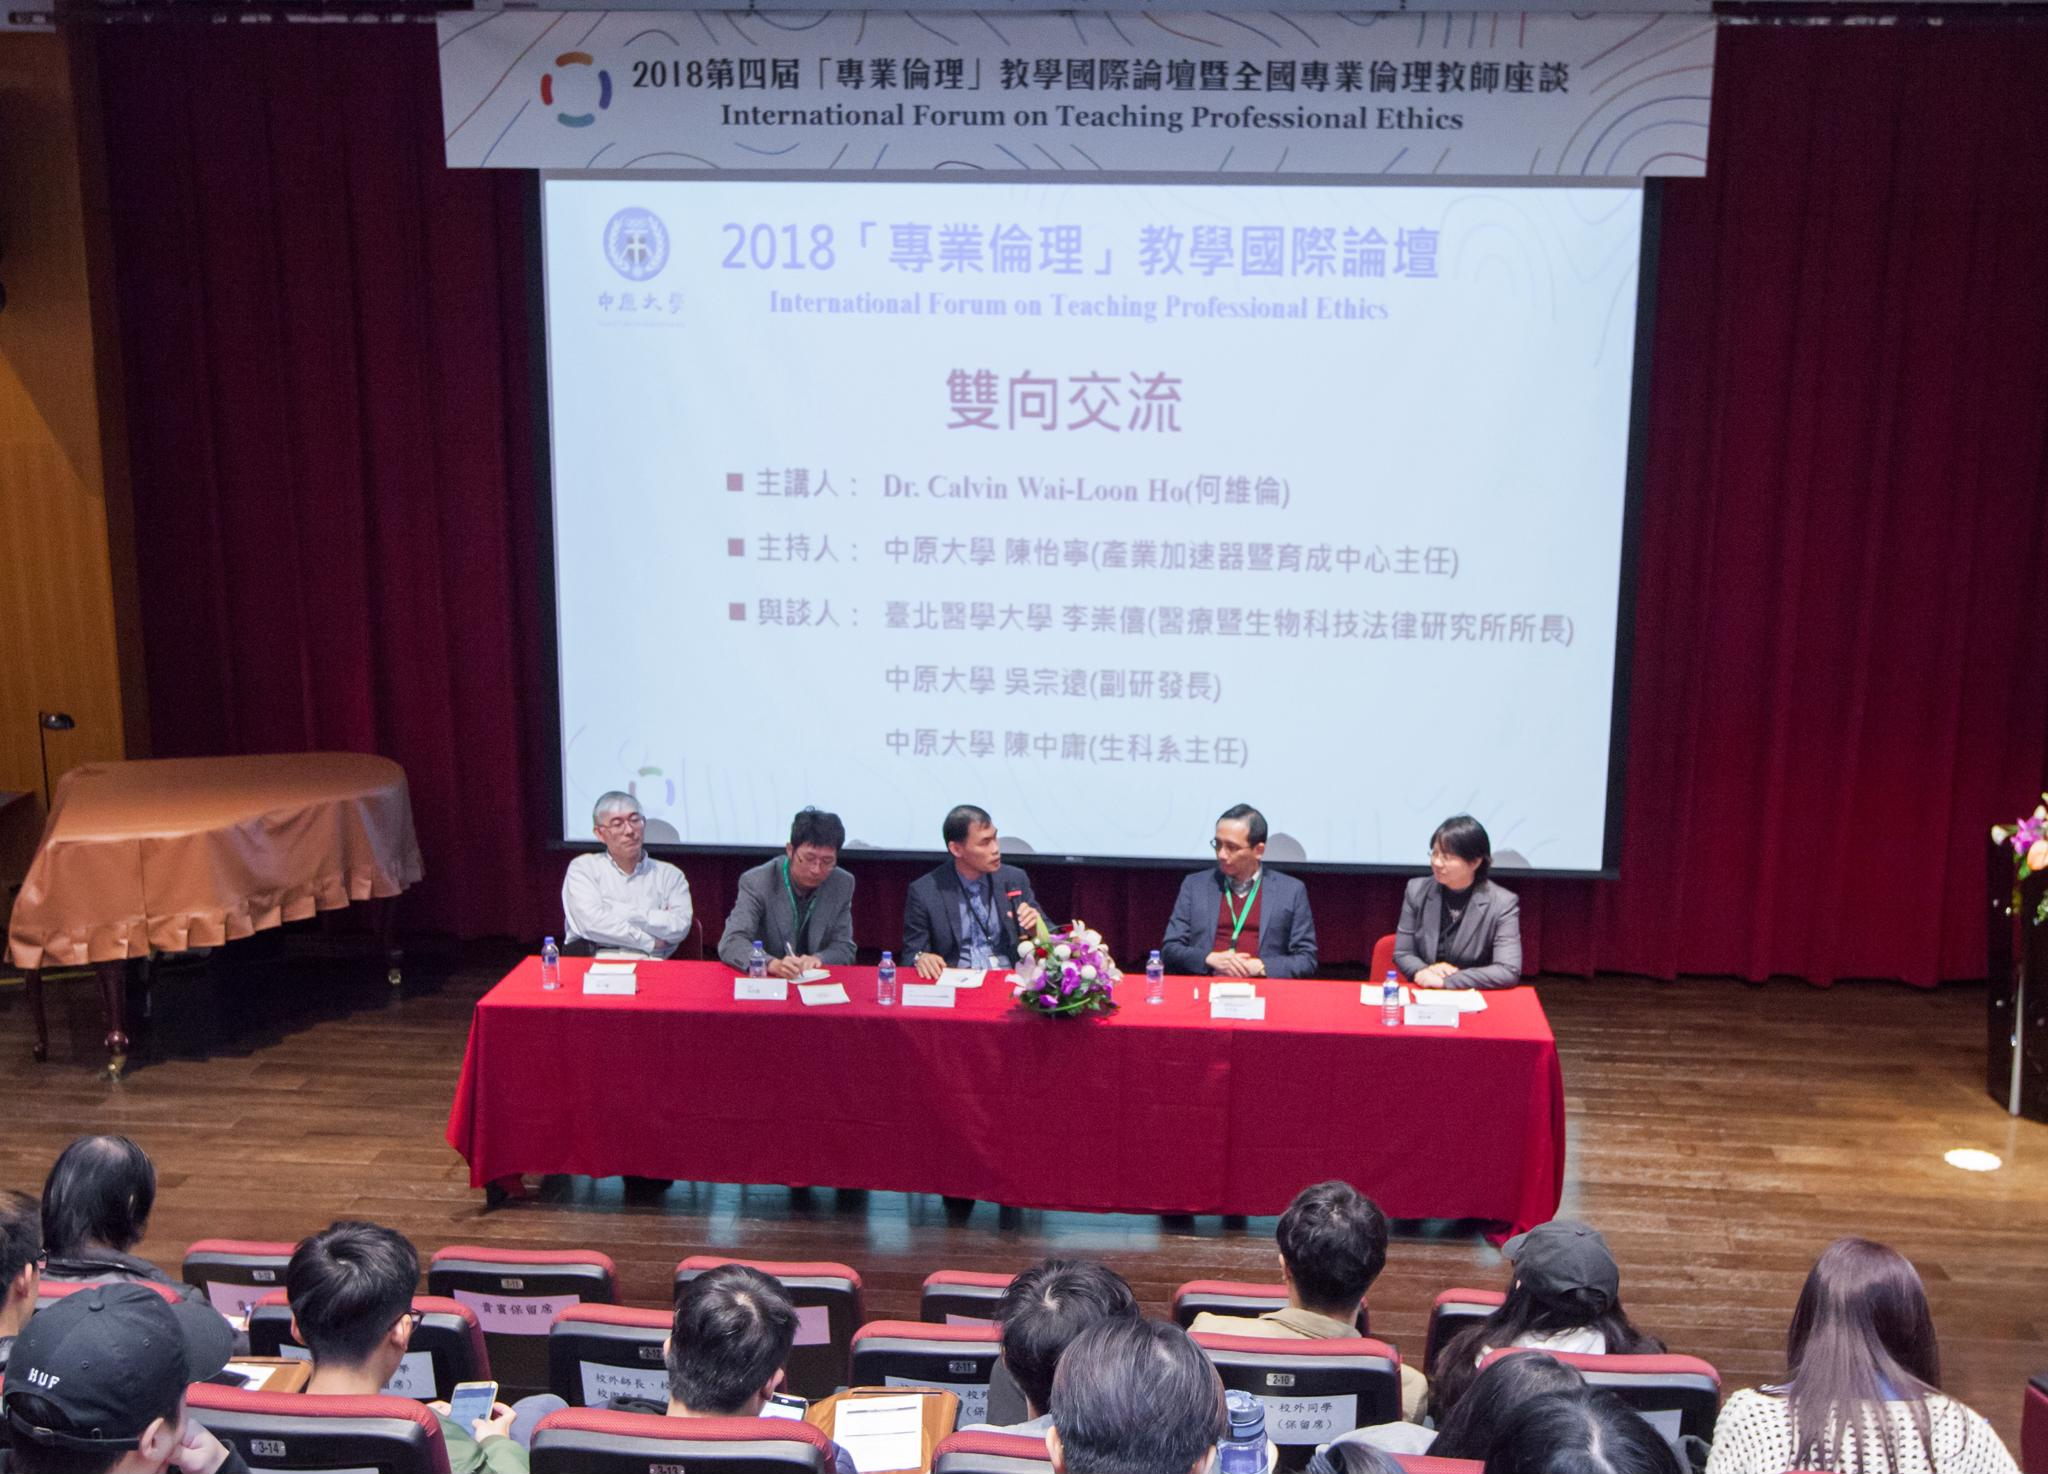 中原大學持續扮演倫理教育領頭羊角色 舉辦第四屆專業倫理教學國際論壇